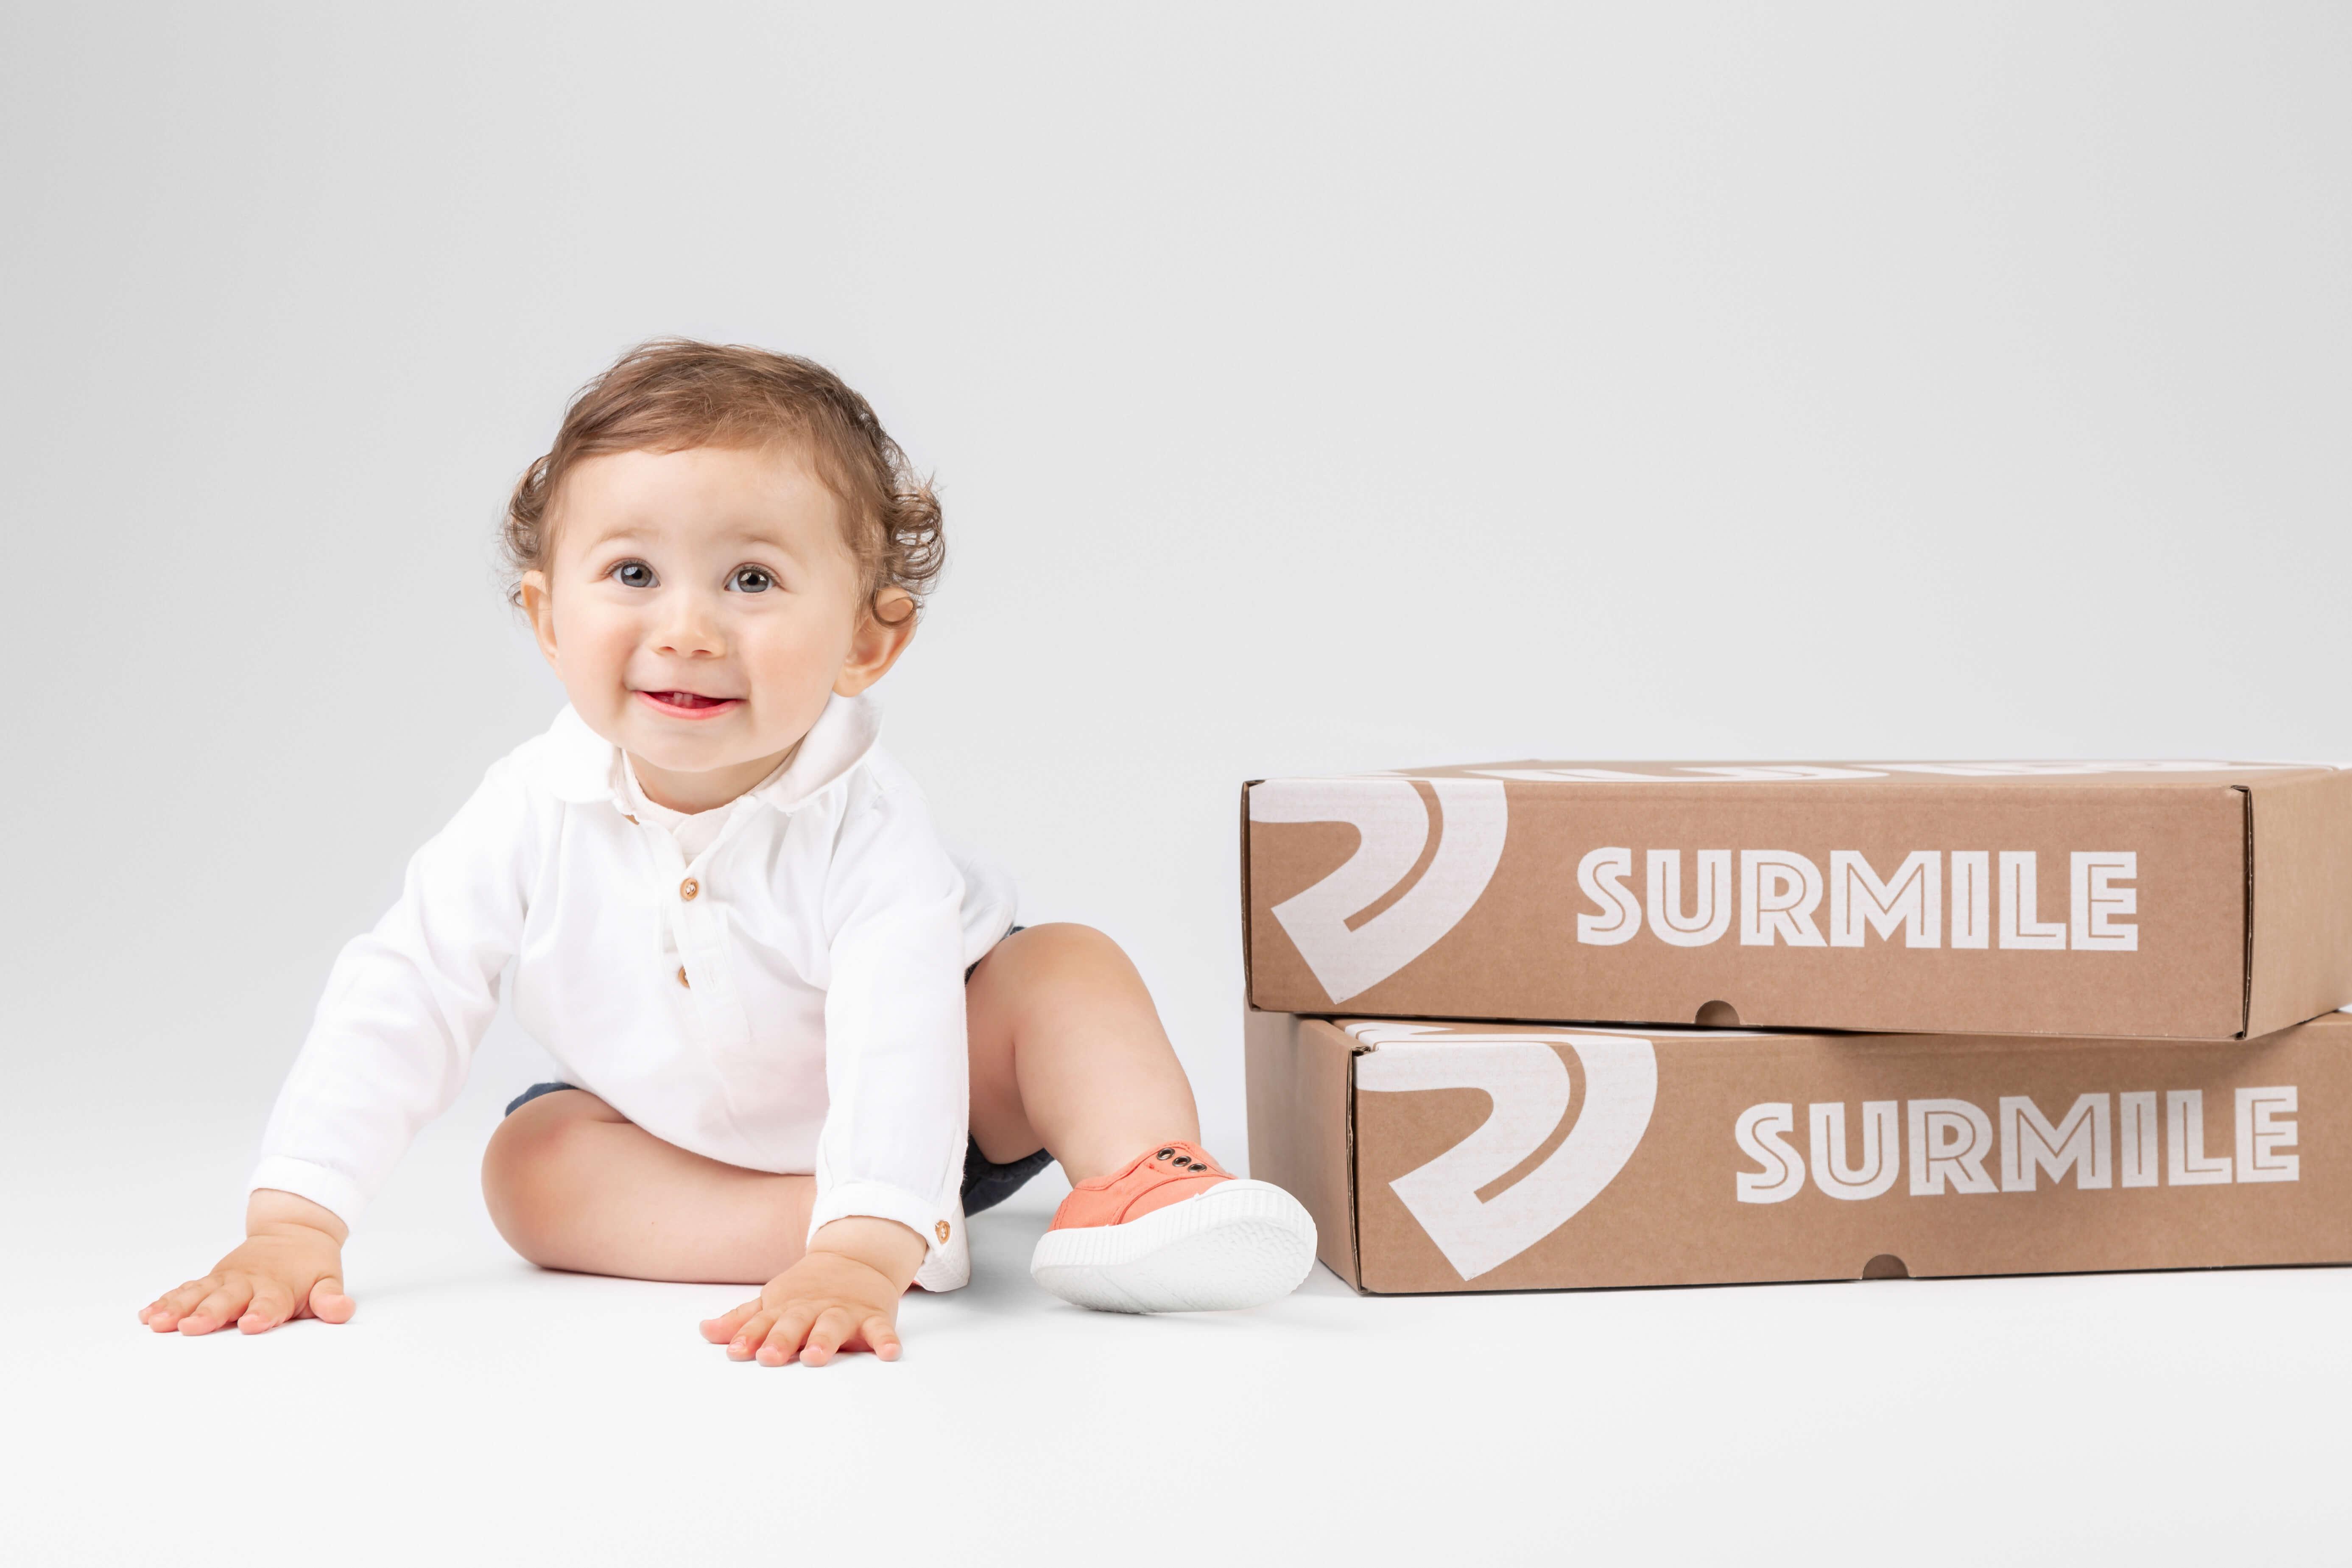 un bebé sonriente junto a una caja de cartón de Surmile